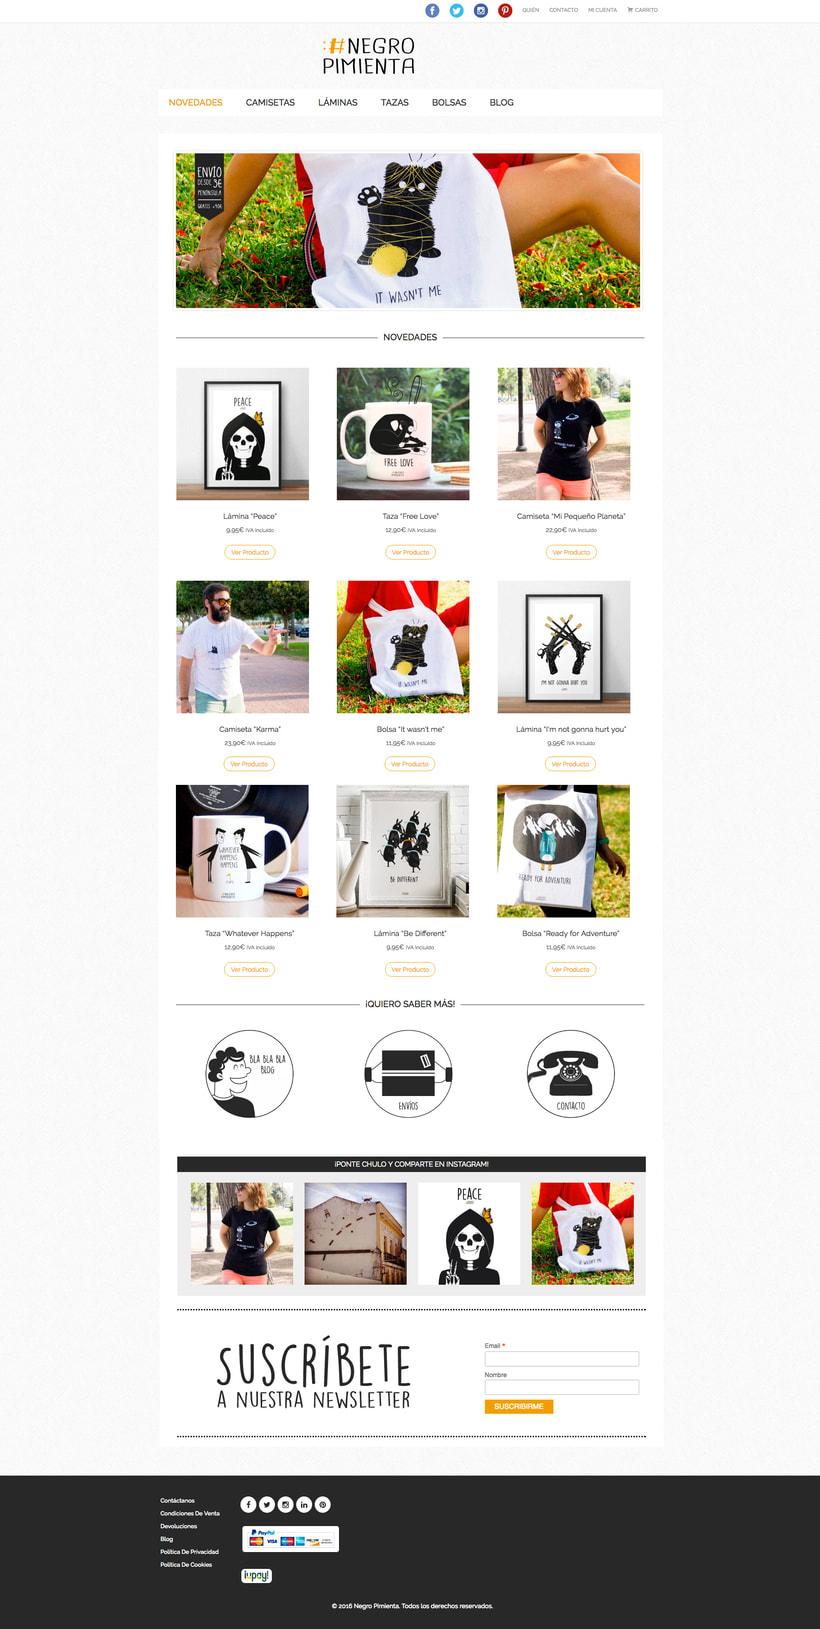 Negro Pimienta: Tienda online de regalos con diseño 0